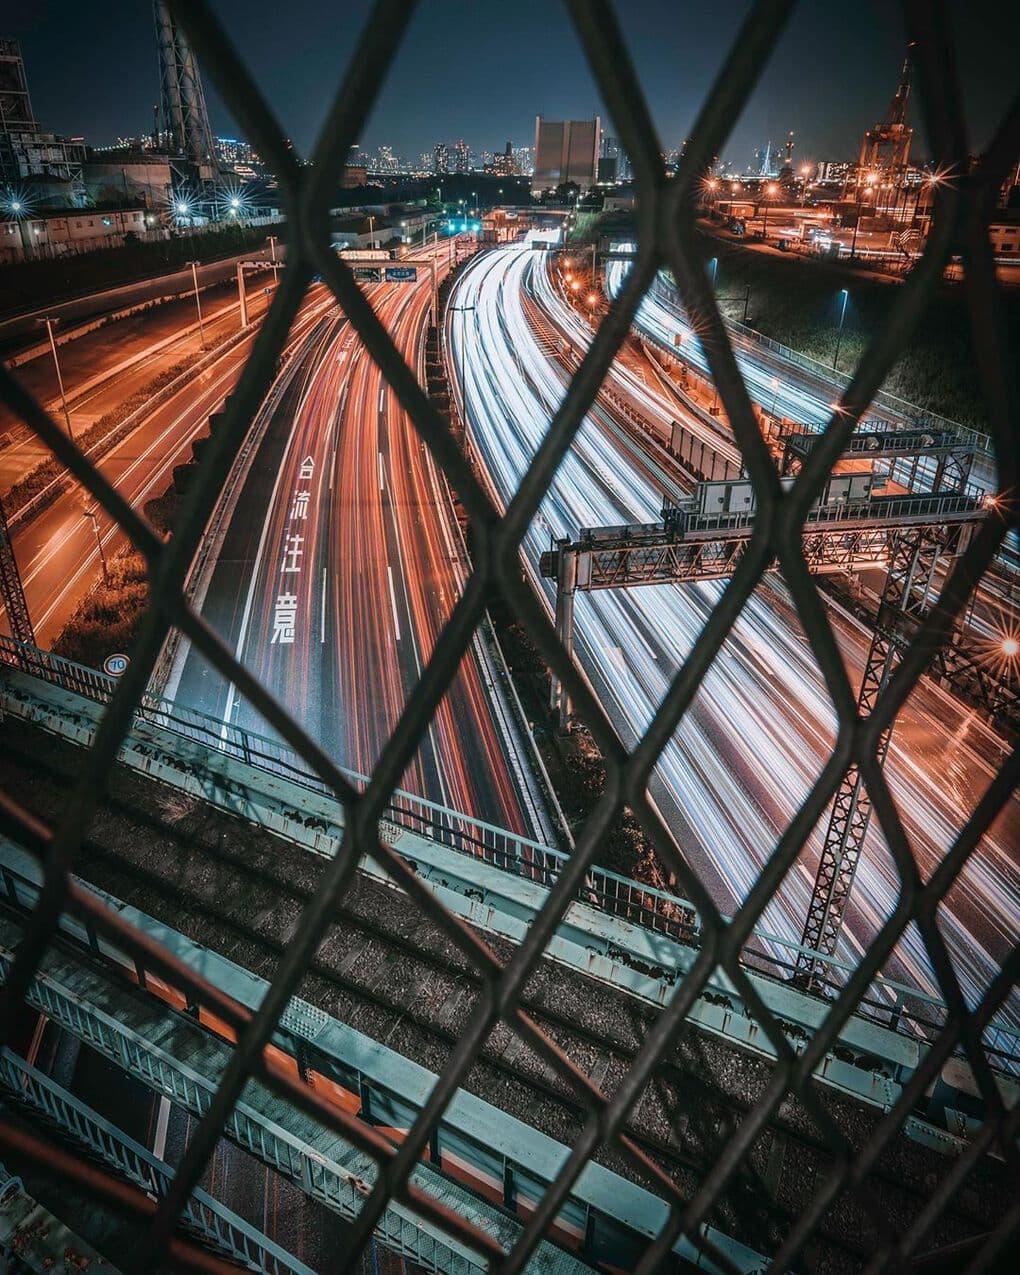 jungraphy 60598982 101150374441774 2709795523127883201 n - 25 работ фотографа из Токио, которые погрузят вас в магическую атмосферу ночных японских улиц